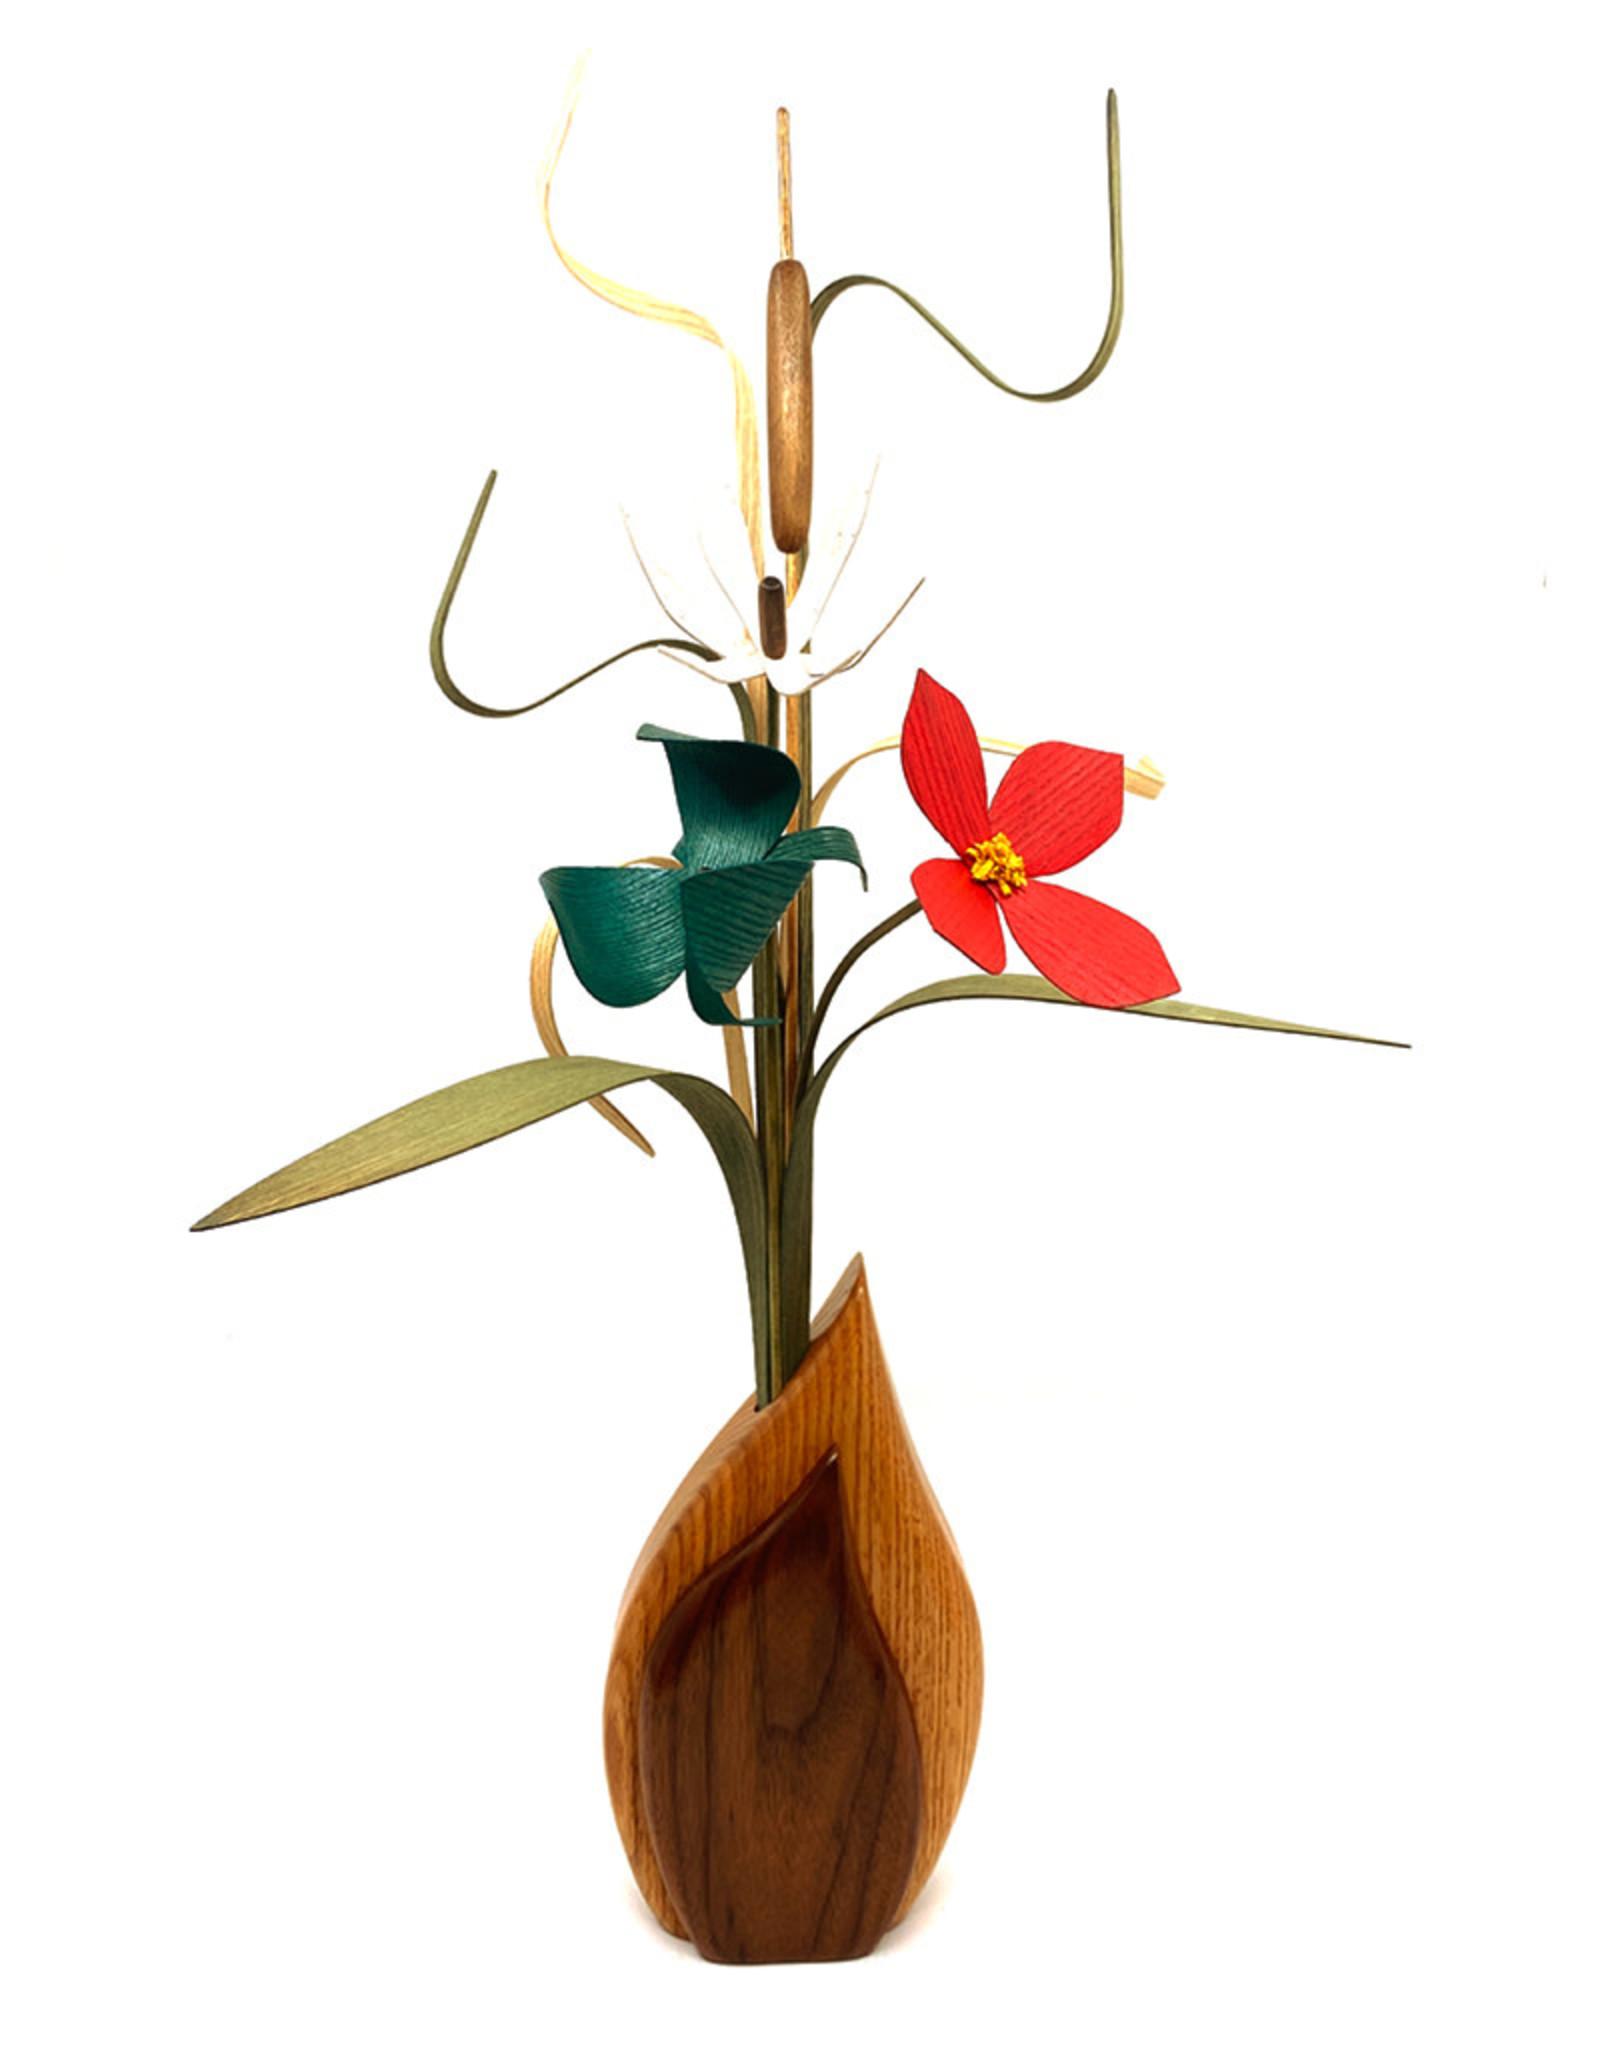 WOOD WILDFLOWERS WOODEN FLOWER ARRANGEMENT - SEEDLINGS III